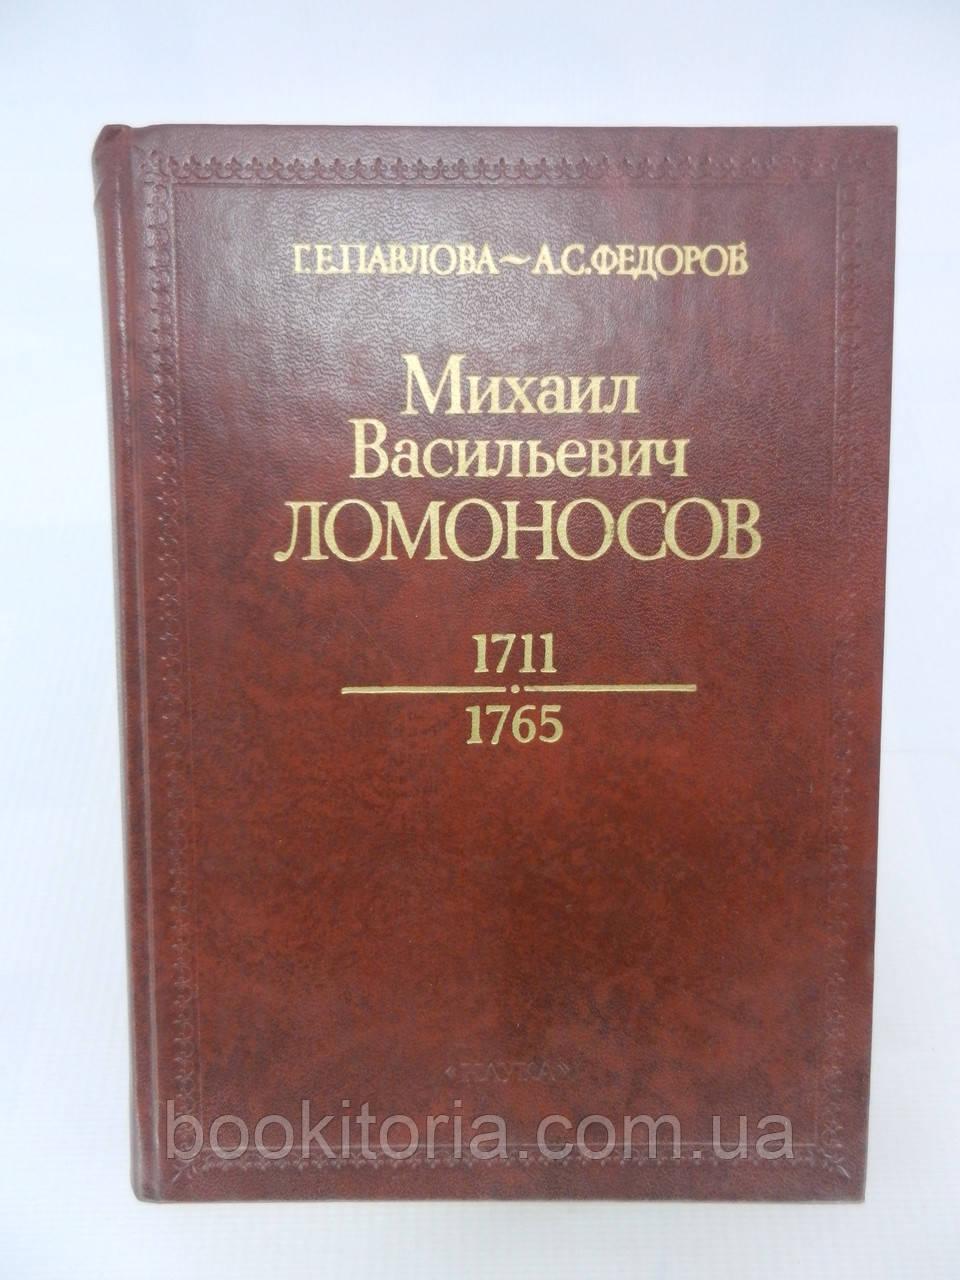 Павлова Г.Е., Федоров А.С. Михаил Васильевич Ломоносов (1711 – 1765) (б/у).